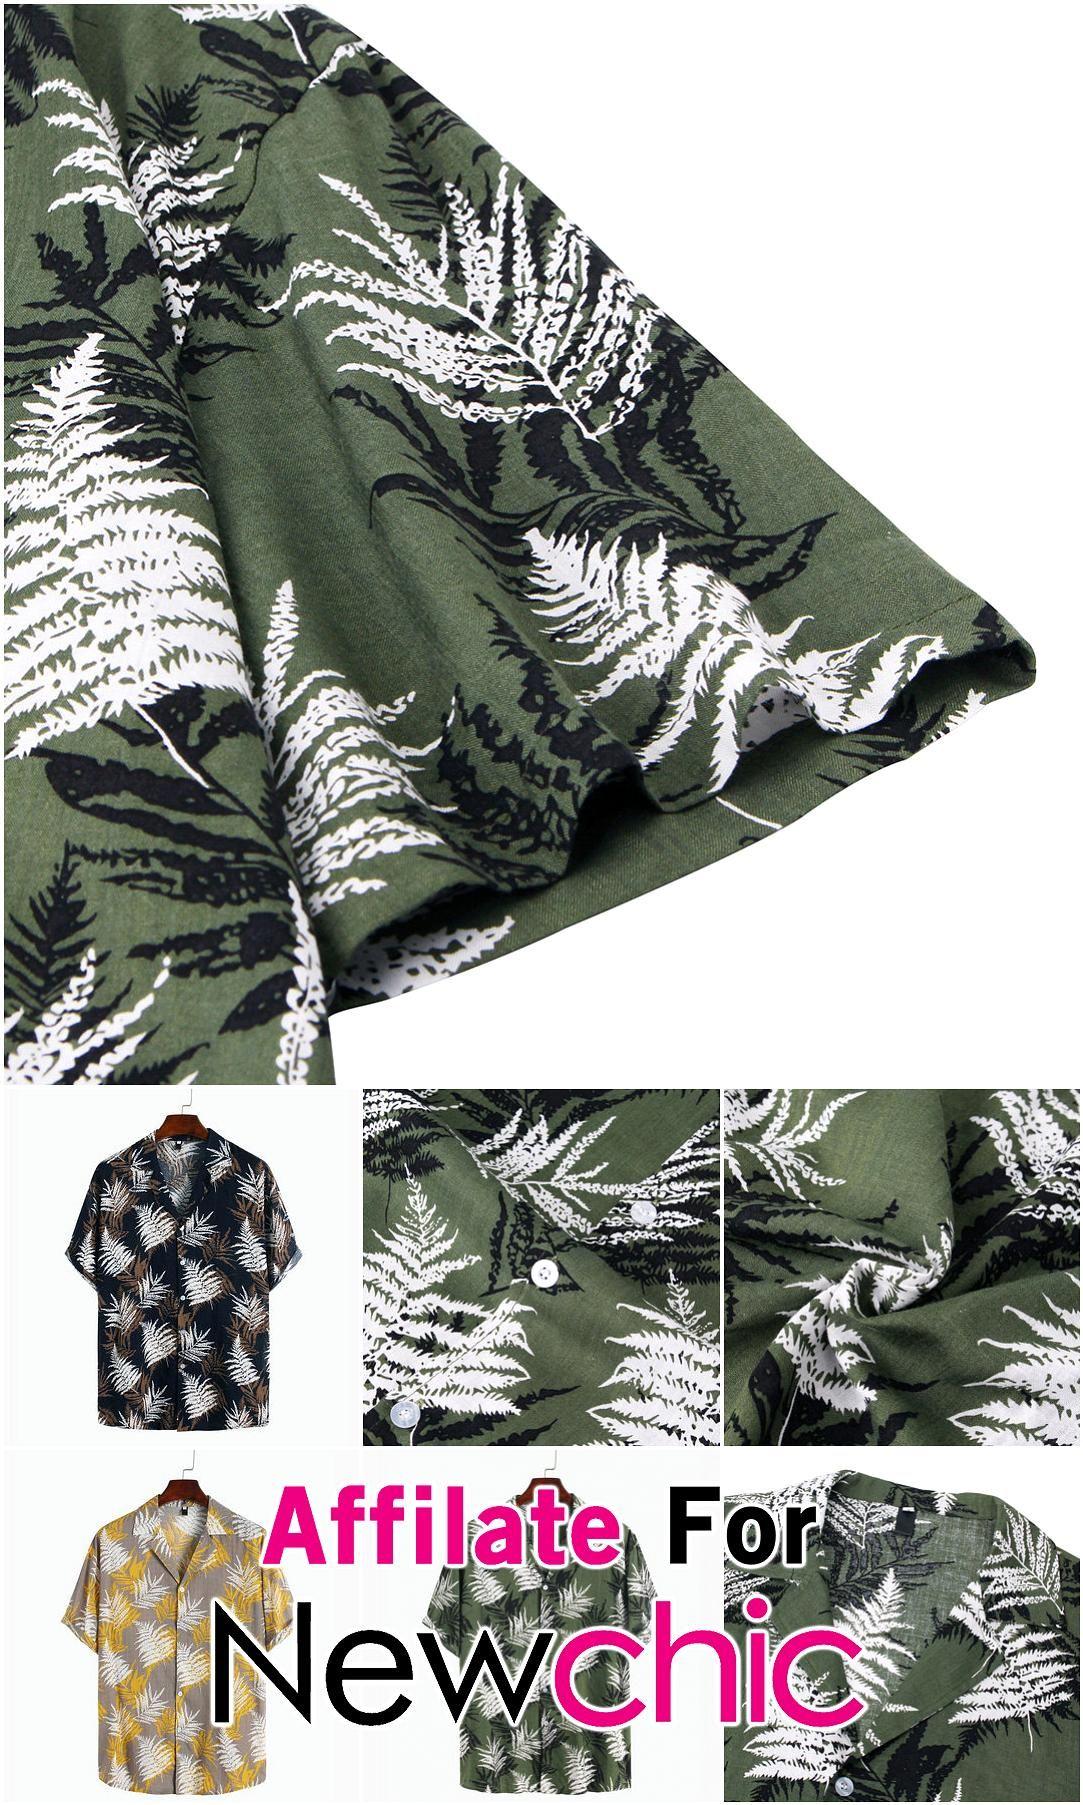 Mens Hawaiian Style Floral Printed Short Sleeve Turn Down Collar Shirts USD 1999 Mens Hawaiian Style Floral Printed Short Sleeve Turn Down Collar Shirts USD 1999 USD 3771...